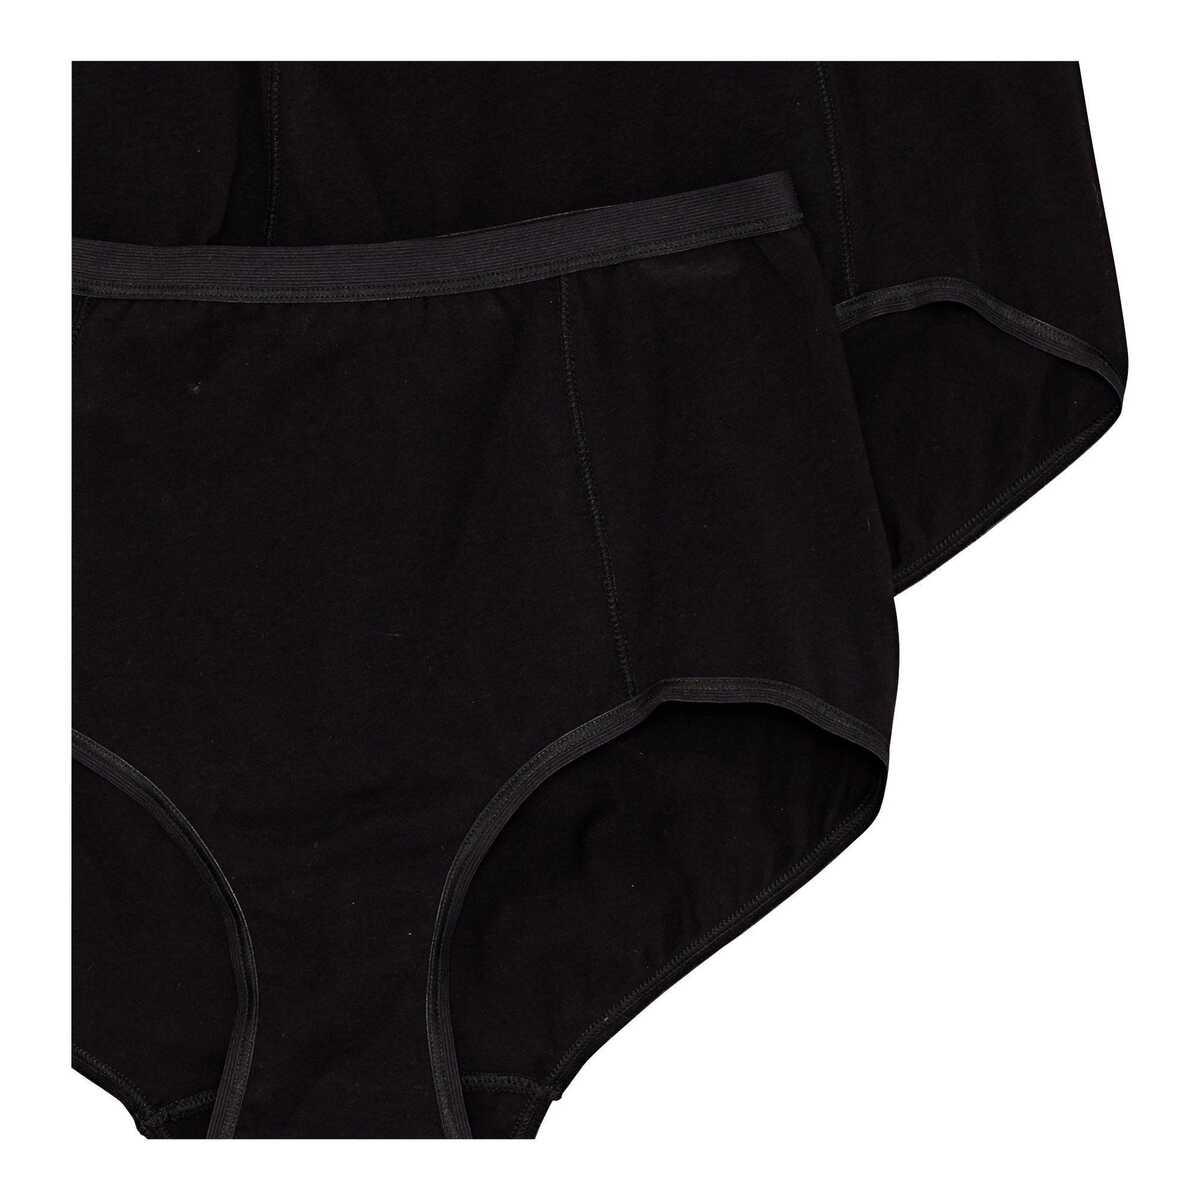 Bild 2 von Damen-Taillenslip mit Verstärkung, 2er Pack